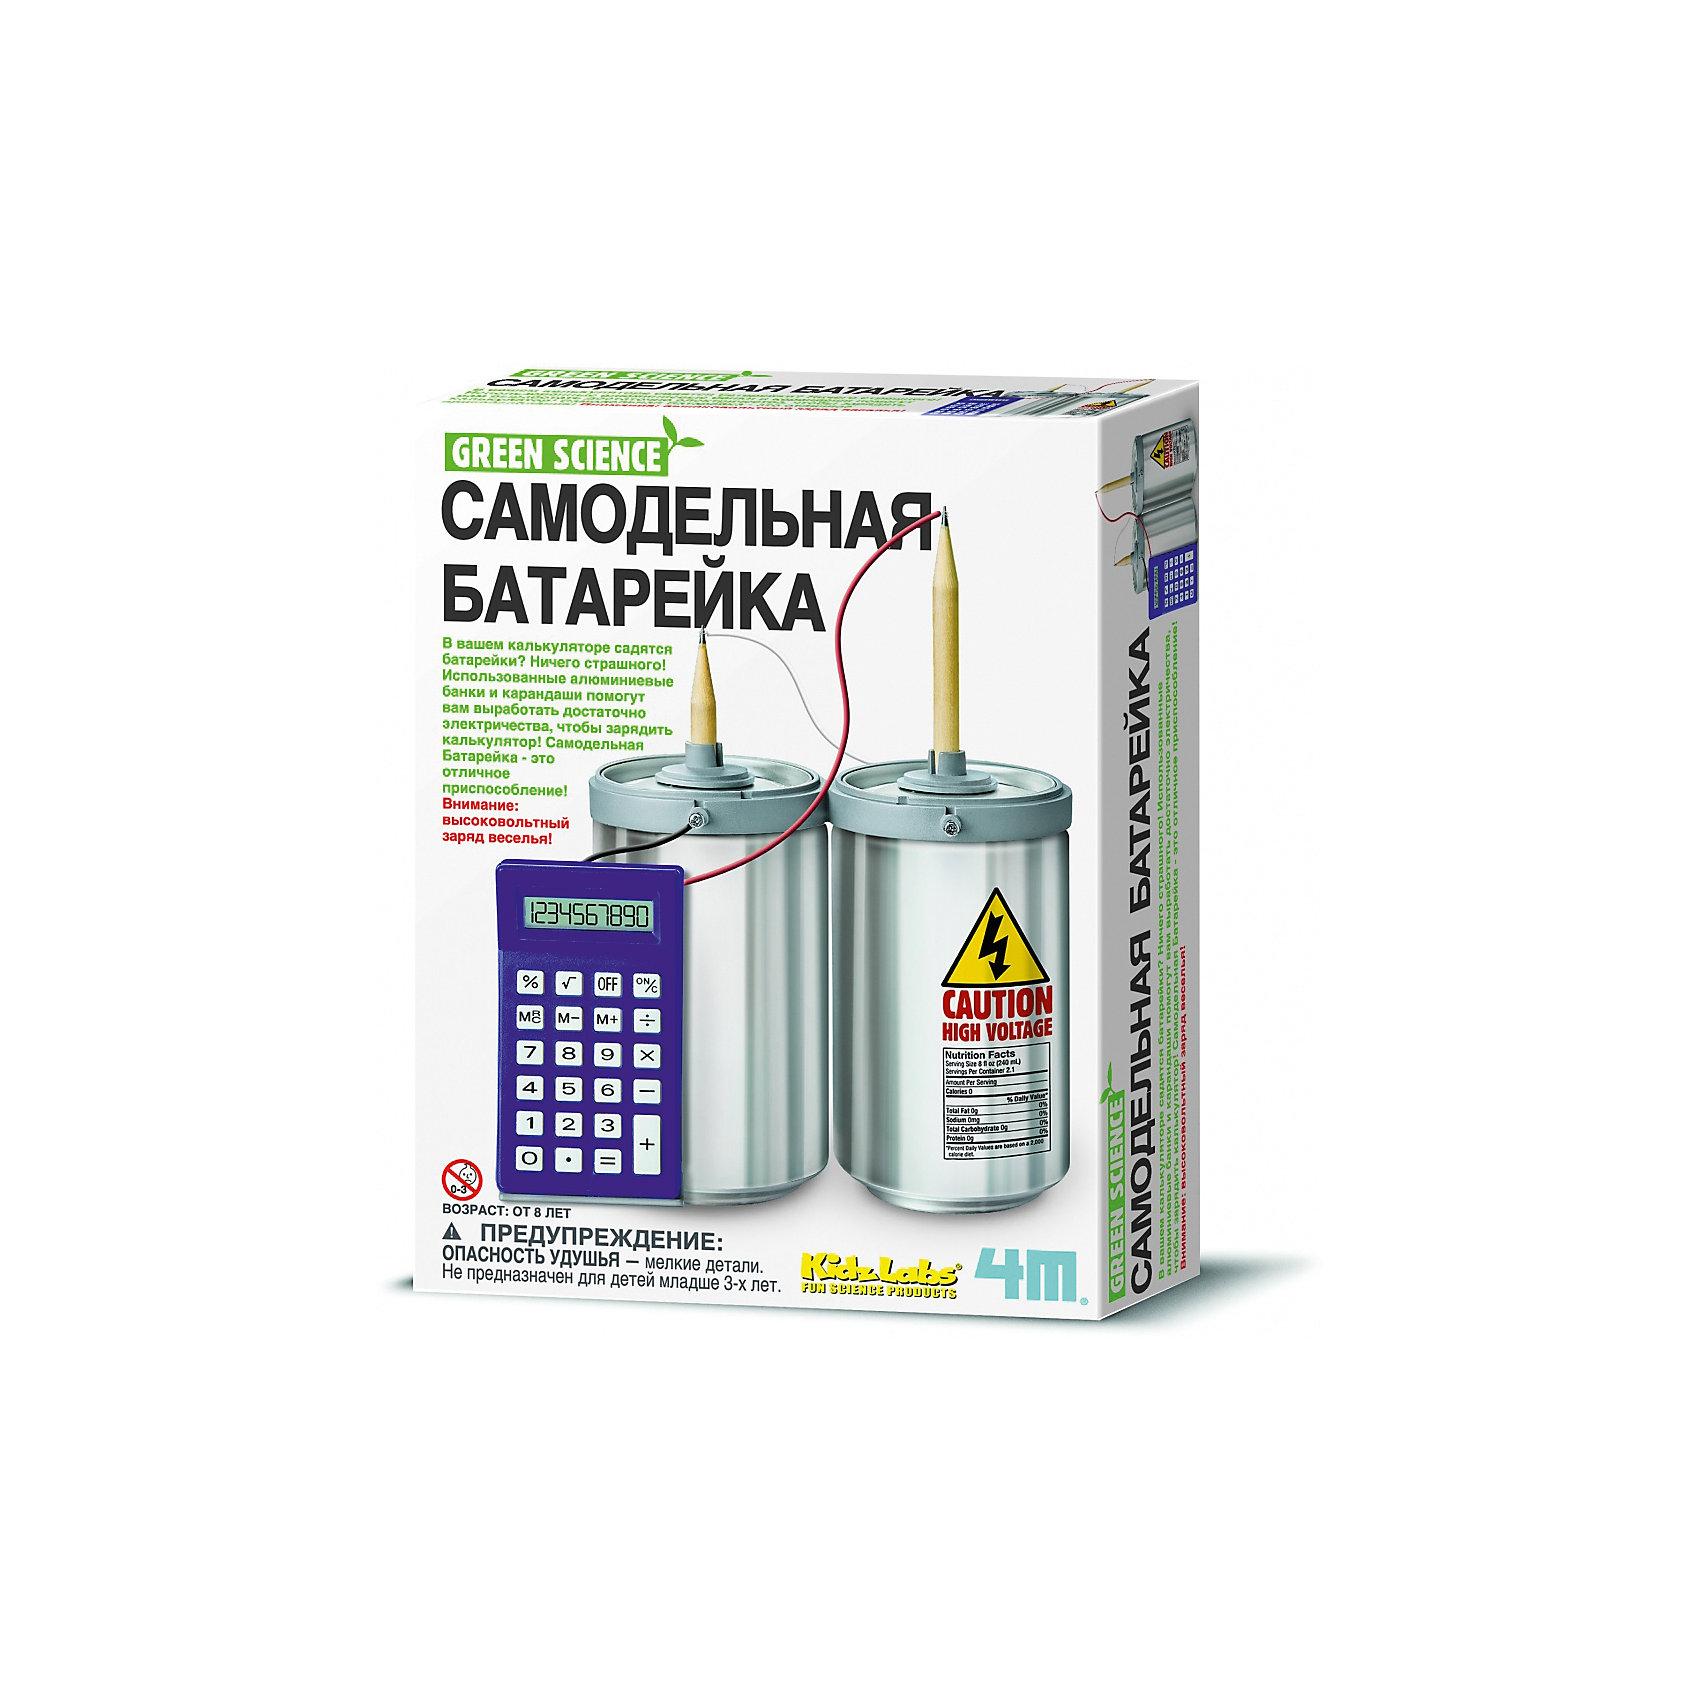 Самодельная батарейка, 4МФизика<br>С набором Самодельная батарейка, 4М юный исследователь сможет получить не только массу удовольствия от практических опытов, но и узнать, что такое электричество и его проводники! Использованные алюминиевые банки из-под газировки и карандаши помогут вам выработать достаточно электричества, используя простую химическую реакцию, чтобы зарядить калькулятор. Самодельная батарейка – это отличное приспособление и один из способов развития познавательных навыков ребенка!<br><br>Комплектация:<br>-калькулятор с проводами<br>-подставка для калькулятора<br>-2 чернографитных карандаша<br>-2 держателя для карандашей<br>-2 разъема для карандашей<br>-6 винтов<br>-провод белого цвета<br>-подробная инструкция <br><br>Дополнительная информация:<br>-Внимание: дополнительно необходимы небольшая крестовая отвертка, 2 алюминиевые банки (НЕ входят в комплект)<br>-Вес в упаковке: 300 г<br>-Размеры в упаковке: 220х170х60 мм<br>-Материал: пластик, металл<br><br>Набор для создания самодельной батарейки – это отличное научное изобретения и один из способов развития познавательных навыков ребенка!<br><br>Набор Самодельная батарейка, 4М можно купить в нашем магазине.<br><br>Ширина мм: 220<br>Глубина мм: 170<br>Высота мм: 60<br>Вес г: 300<br>Возраст от месяцев: 84<br>Возраст до месяцев: 168<br>Пол: Унисекс<br>Возраст: Детский<br>SKU: 4043557